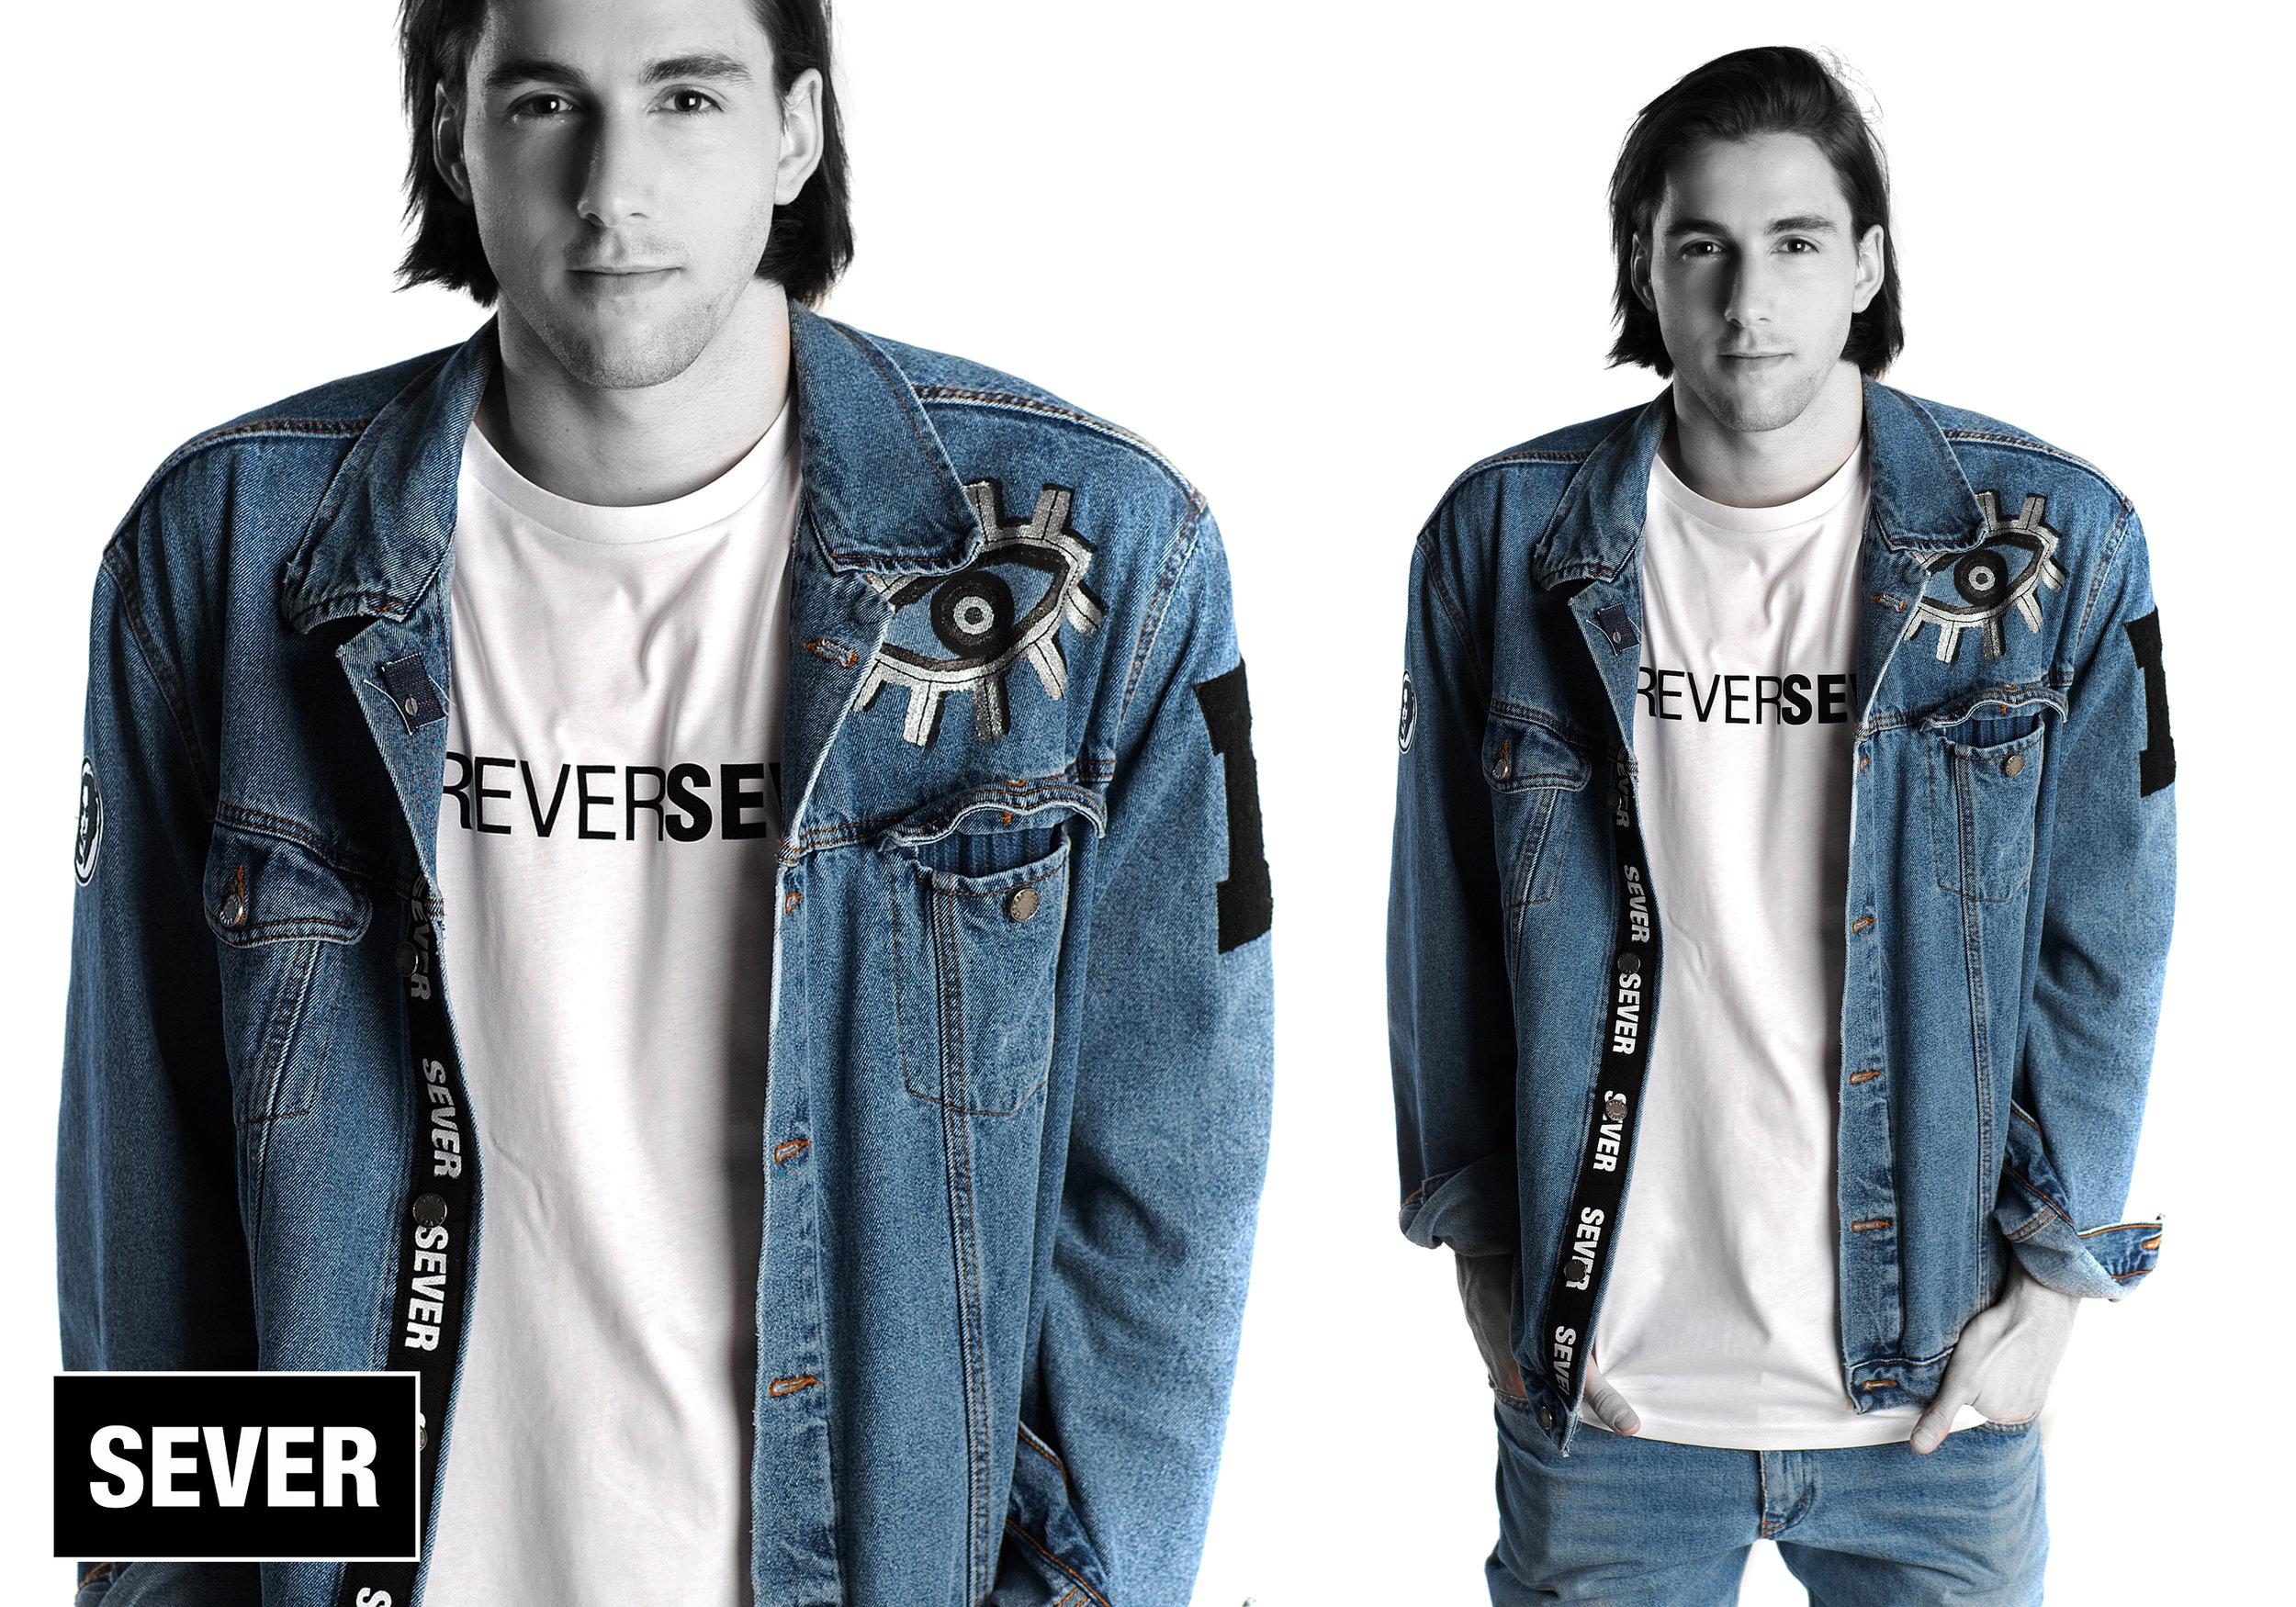 robert-sever-streetwear-kolekcija-2018-hrvatski-dizajner (2).jpg